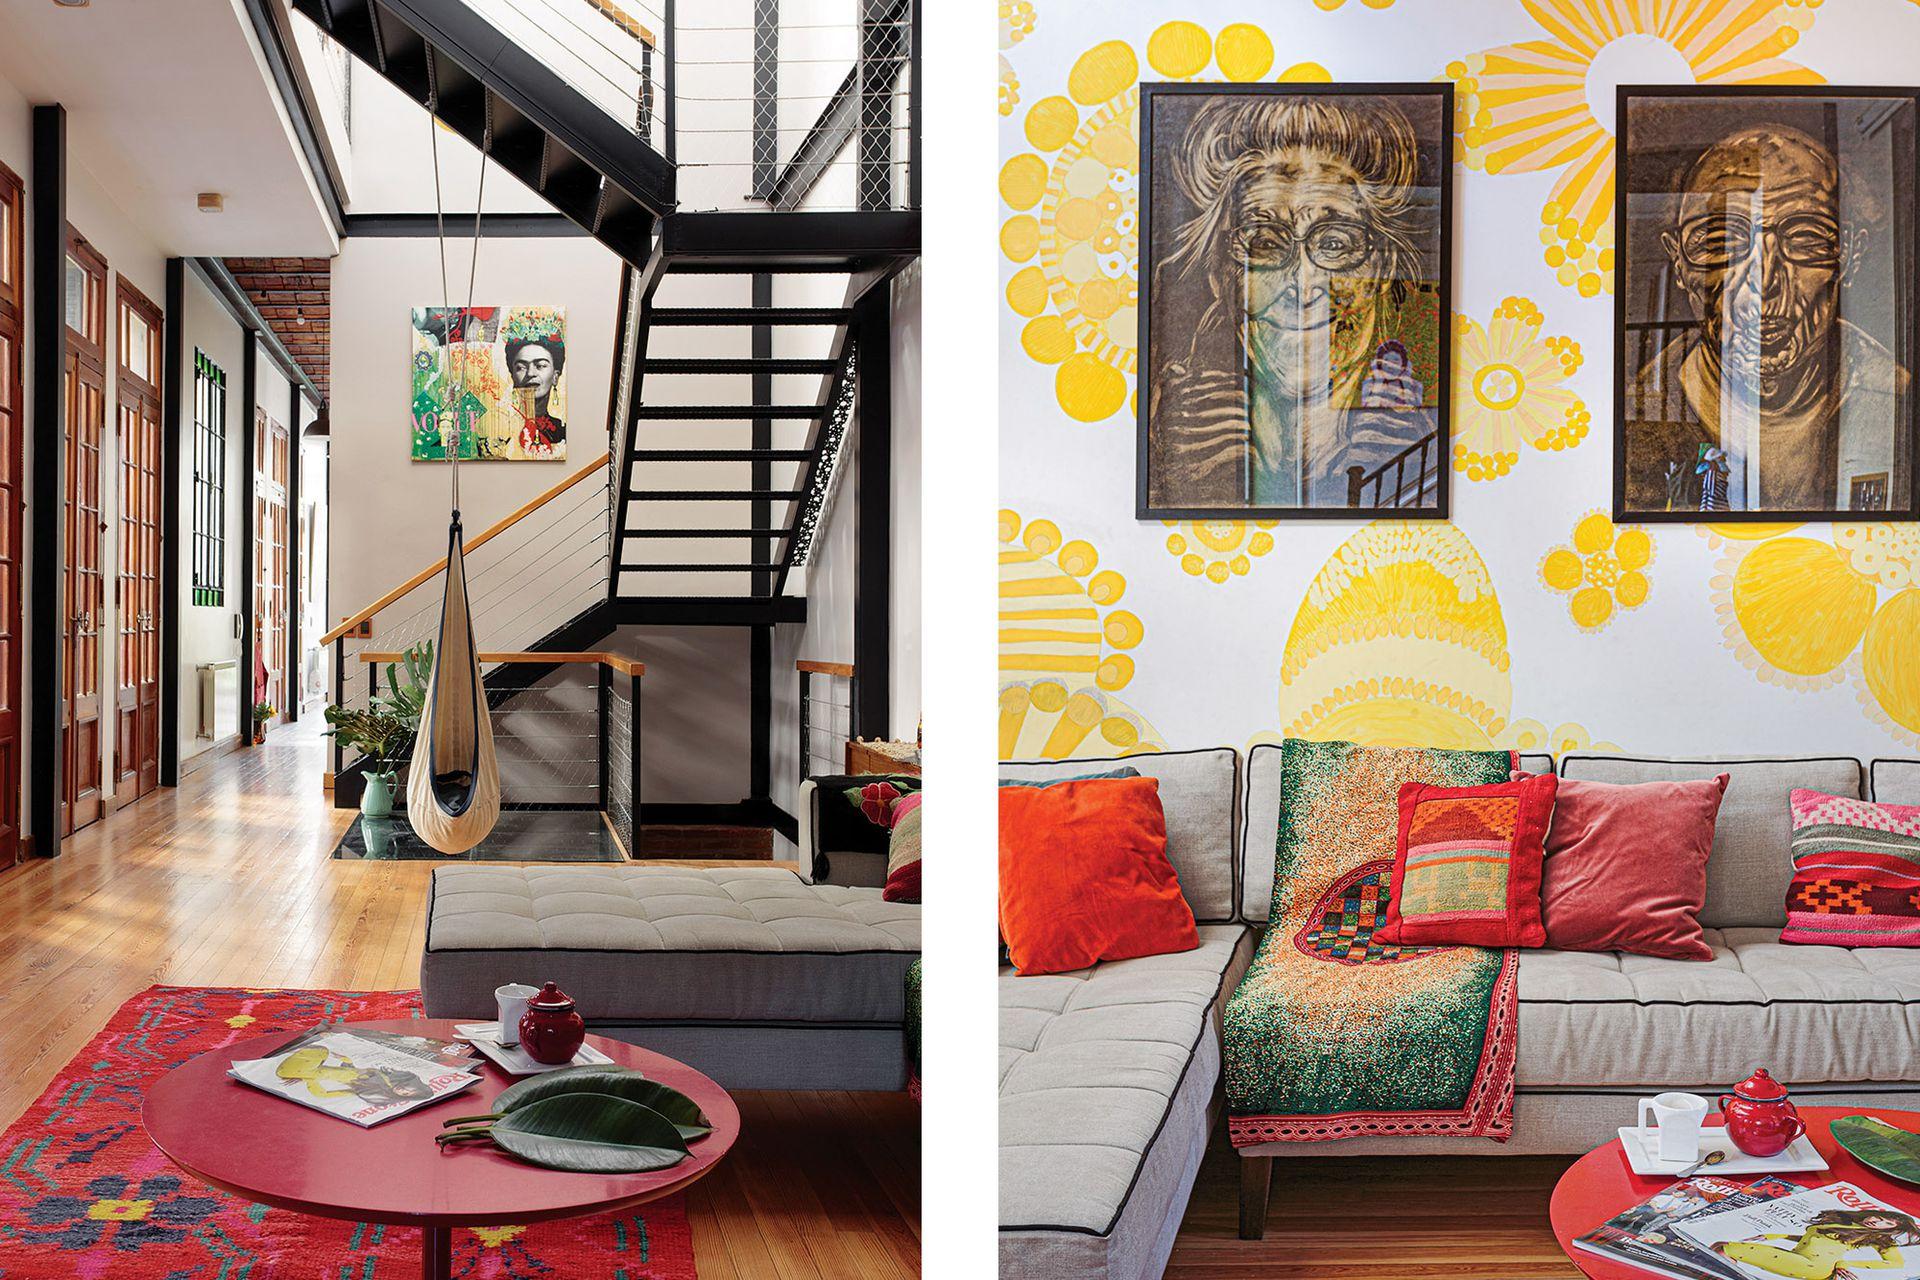 Mural y retratos en carbonilla de la serie 'Madurez' (Marisa Frate). Tapiz recuperado y almohadones traídos del Norte. Sillón (Poltron). Velador (La Merello). Hamaca (AmaKT). Cuadro 'Frida Trend' de la serie 'Costuras' (Marisa Frate).